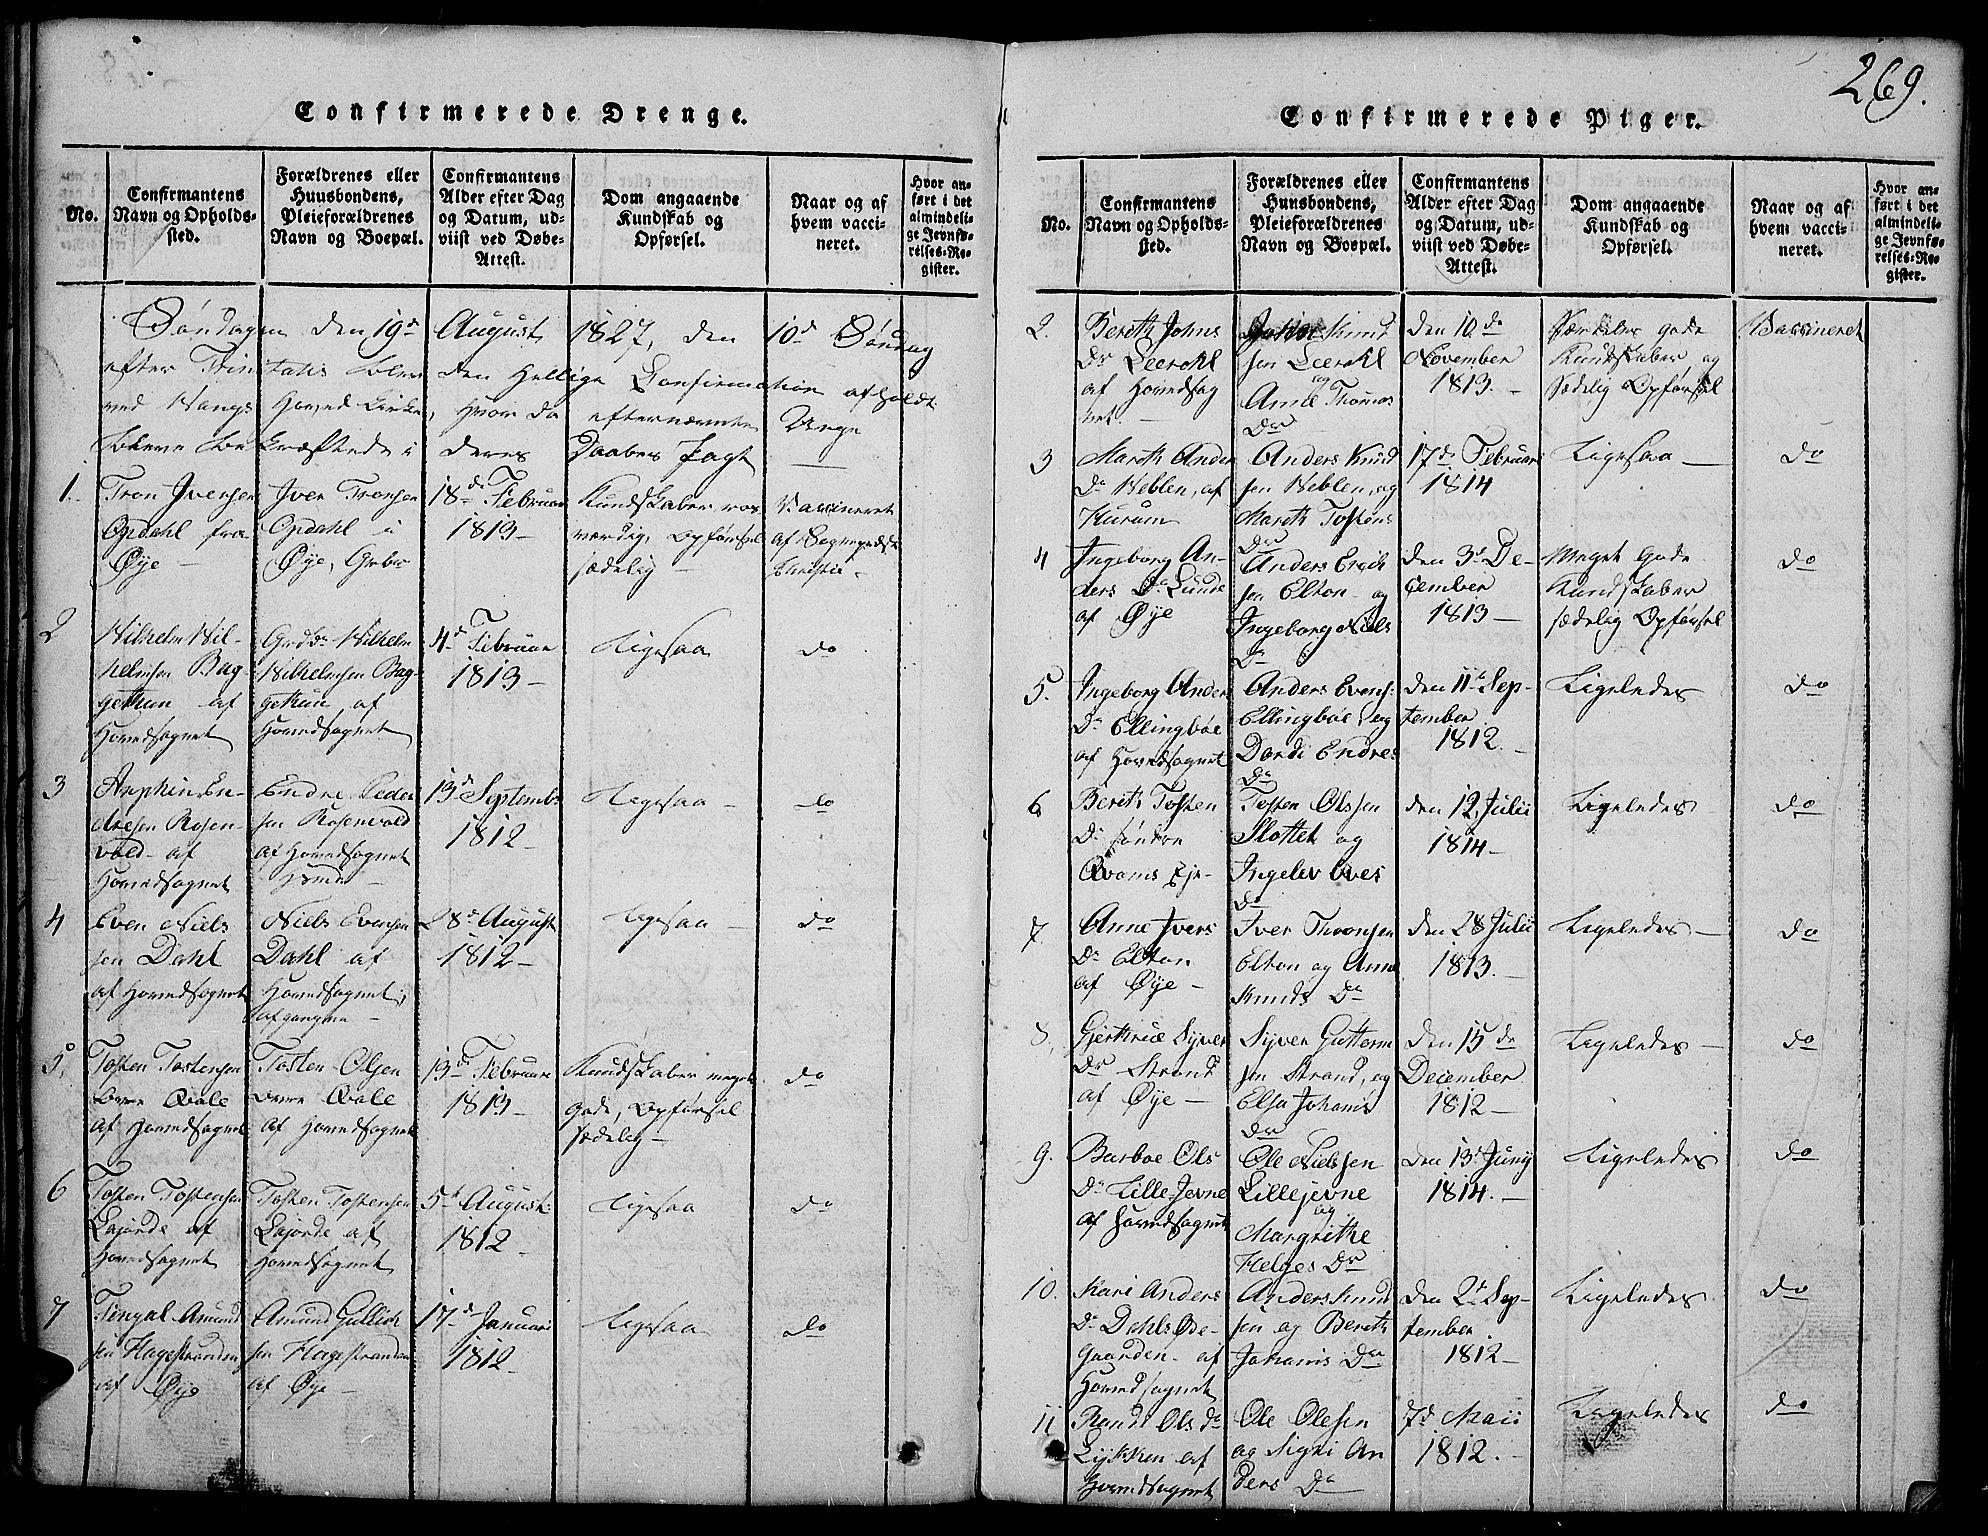 SAH, Vang prestekontor, Valdres, Klokkerbok nr. 2, 1814-1889, s. 269